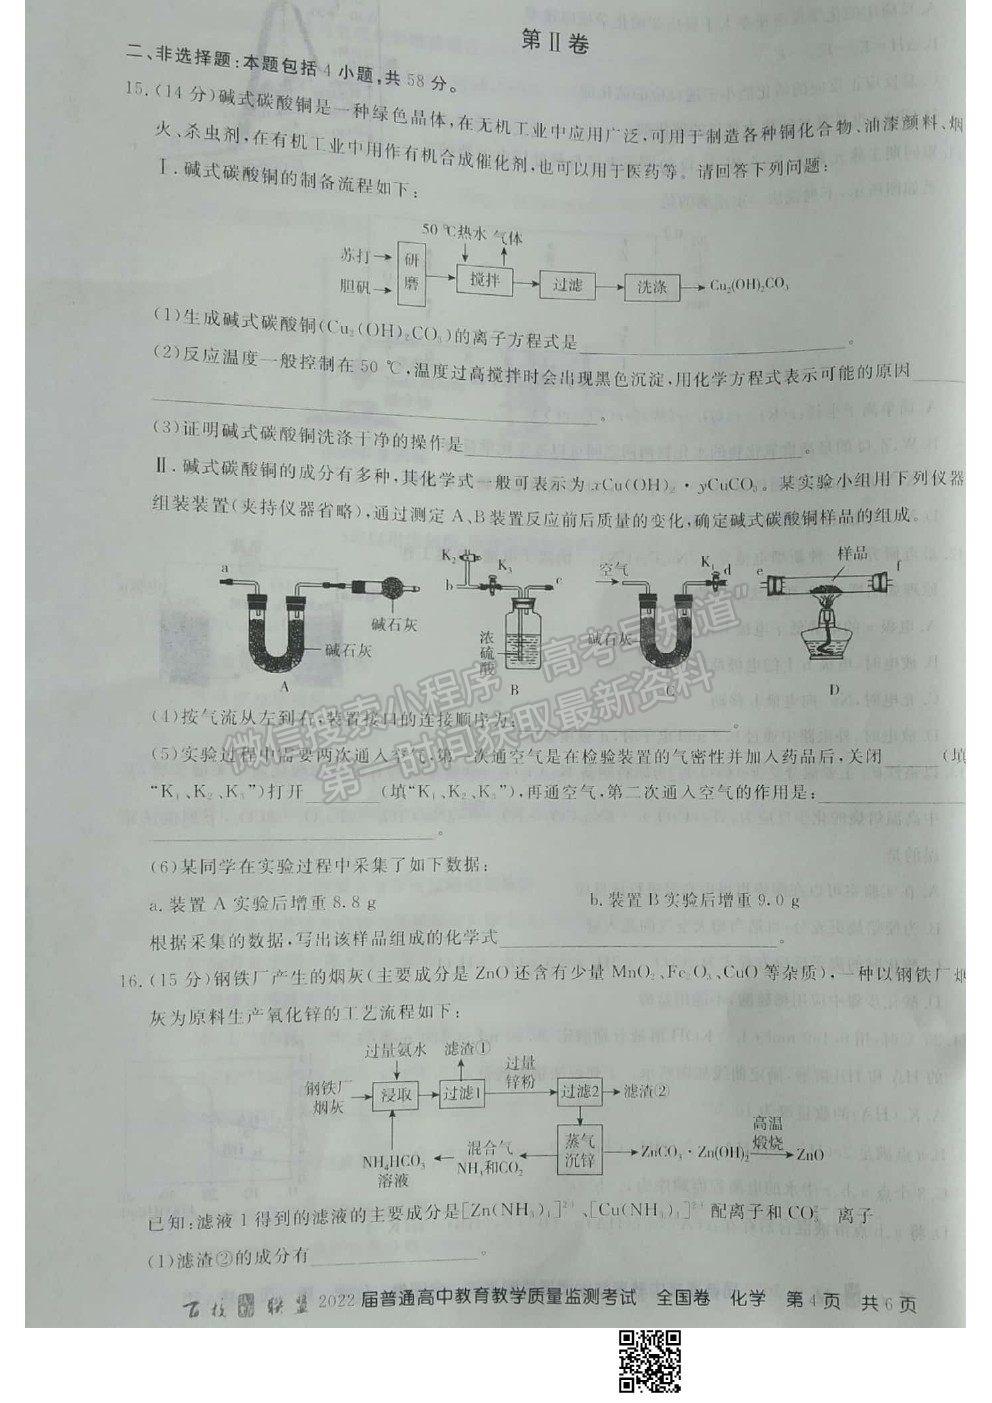 2022百校聯盟高三9月聯考(全國卷)化學試題及參考答案